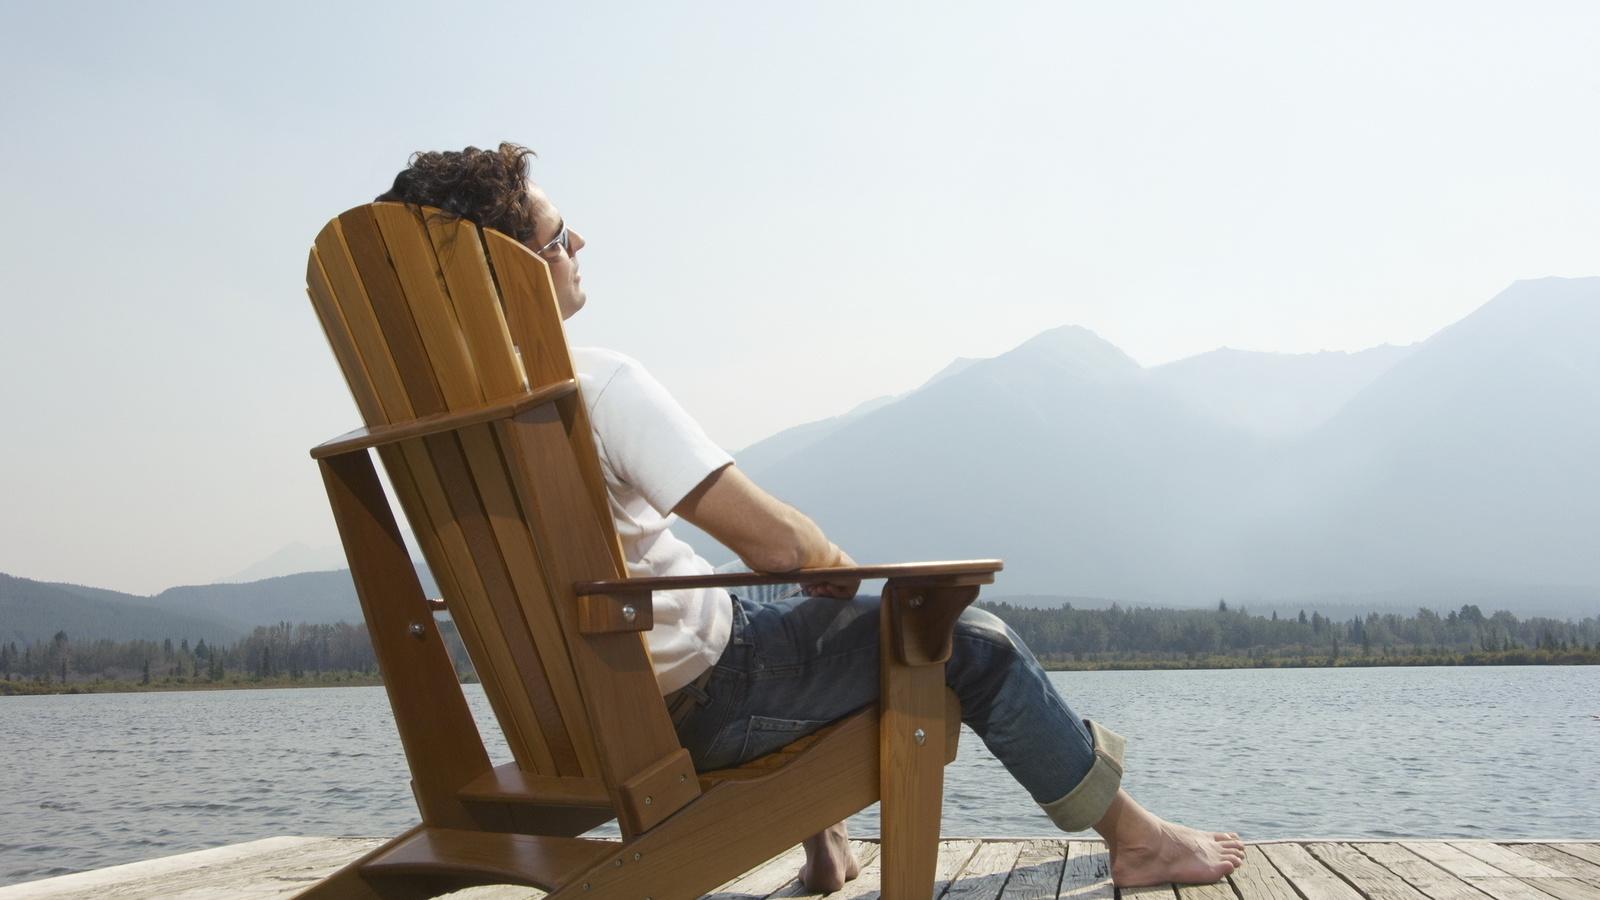 примерная картинки отдых в мыслях отправляла хорвату интимные